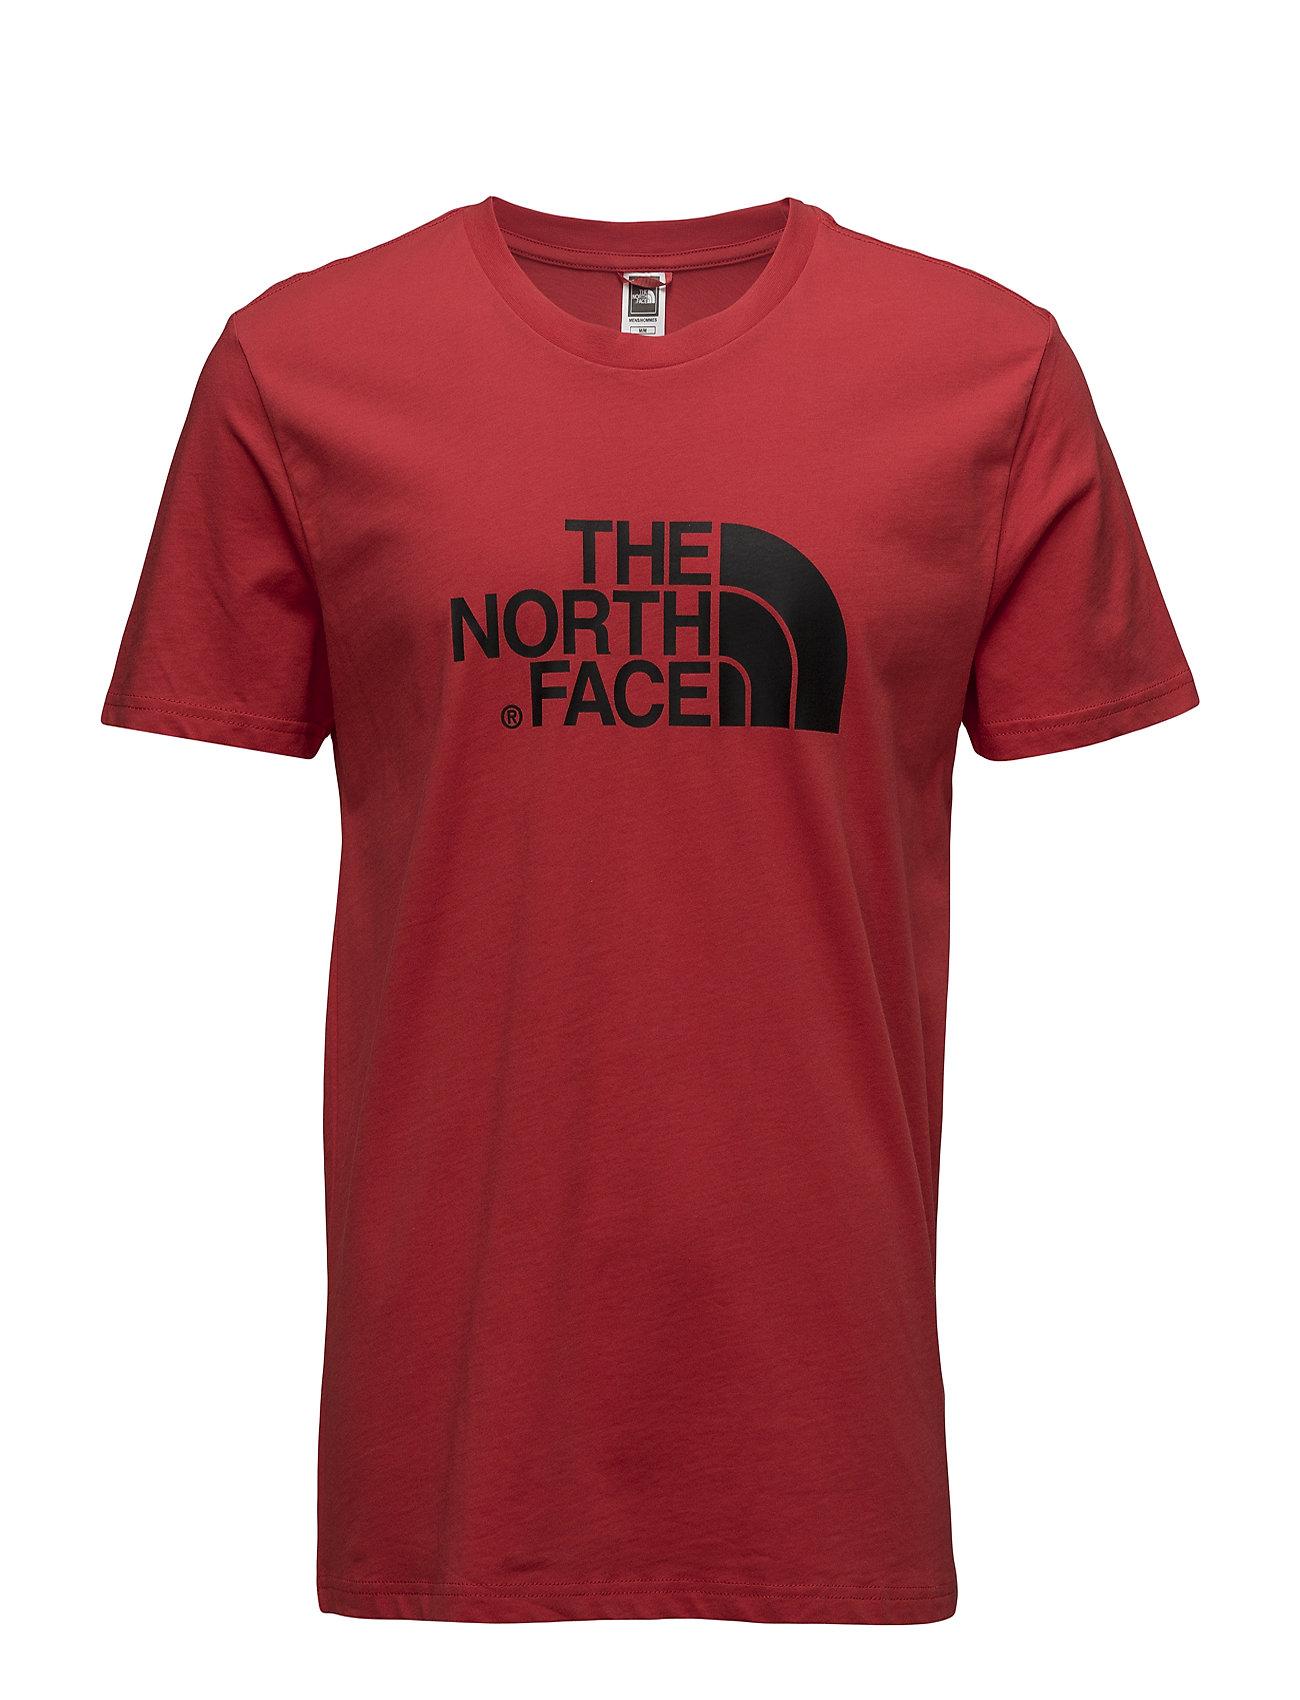 M S/S Easy Tee The North Face Kortærmede til Herrer i